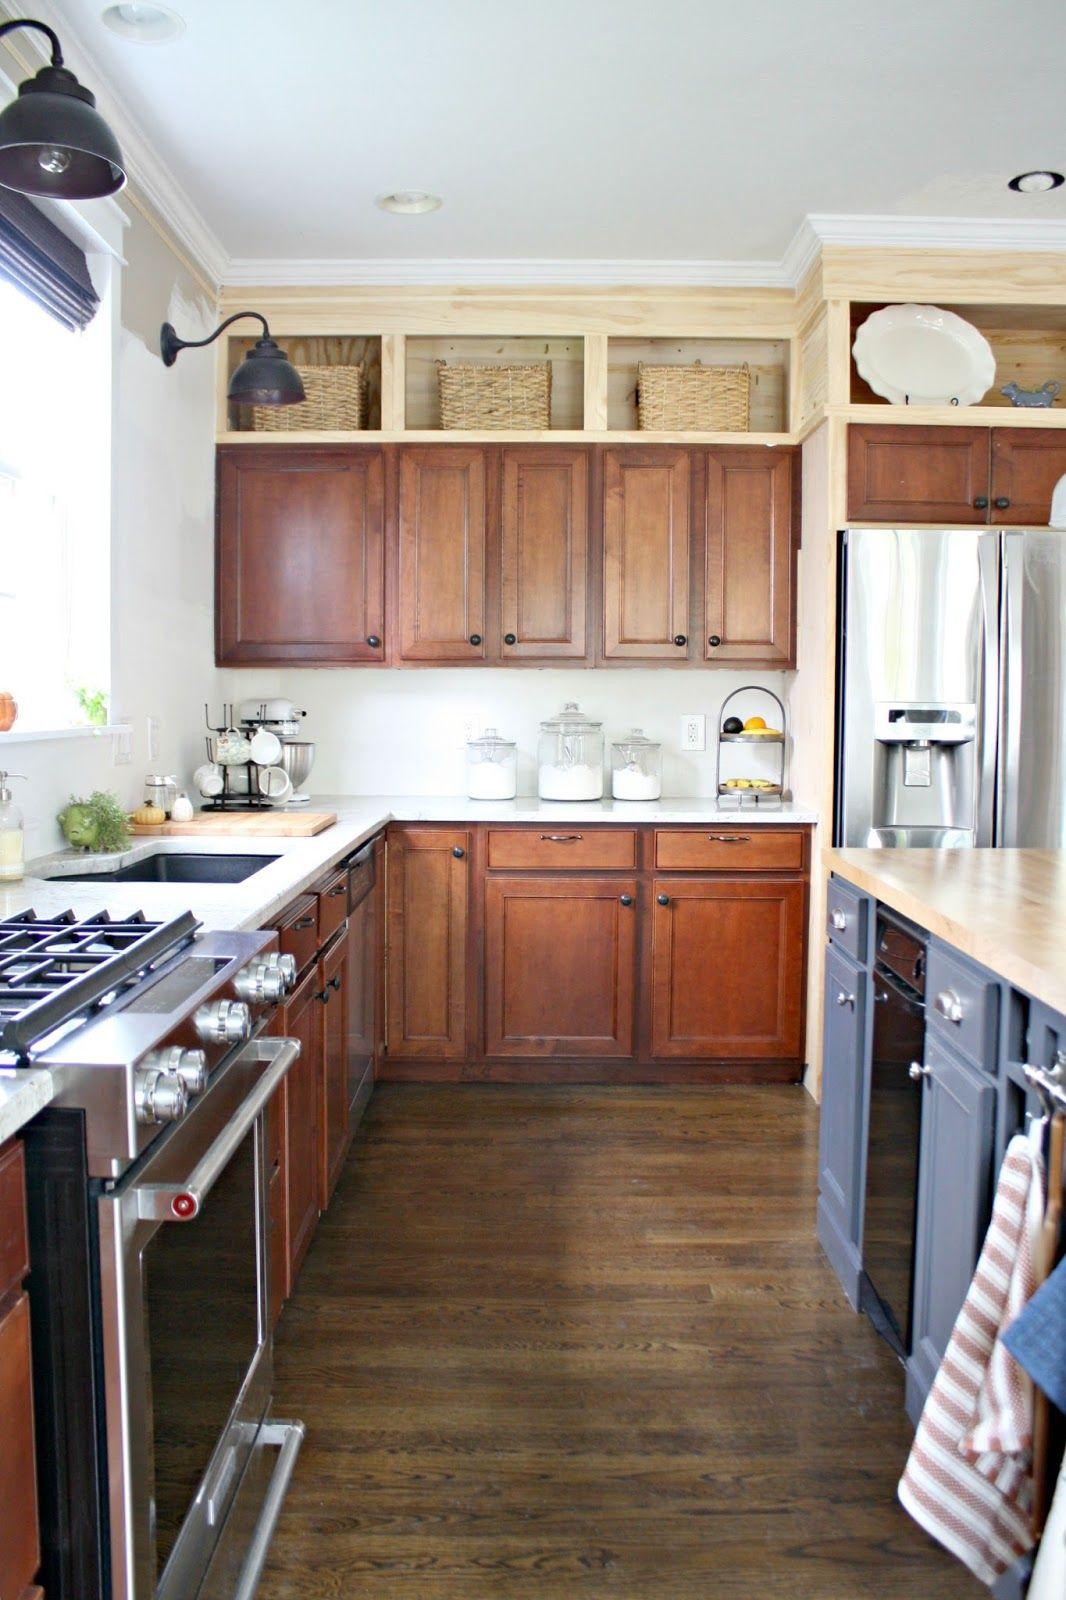 Best Kitchen Renovation My Best Kitchen Renovation Advice Agree With Home Renovation